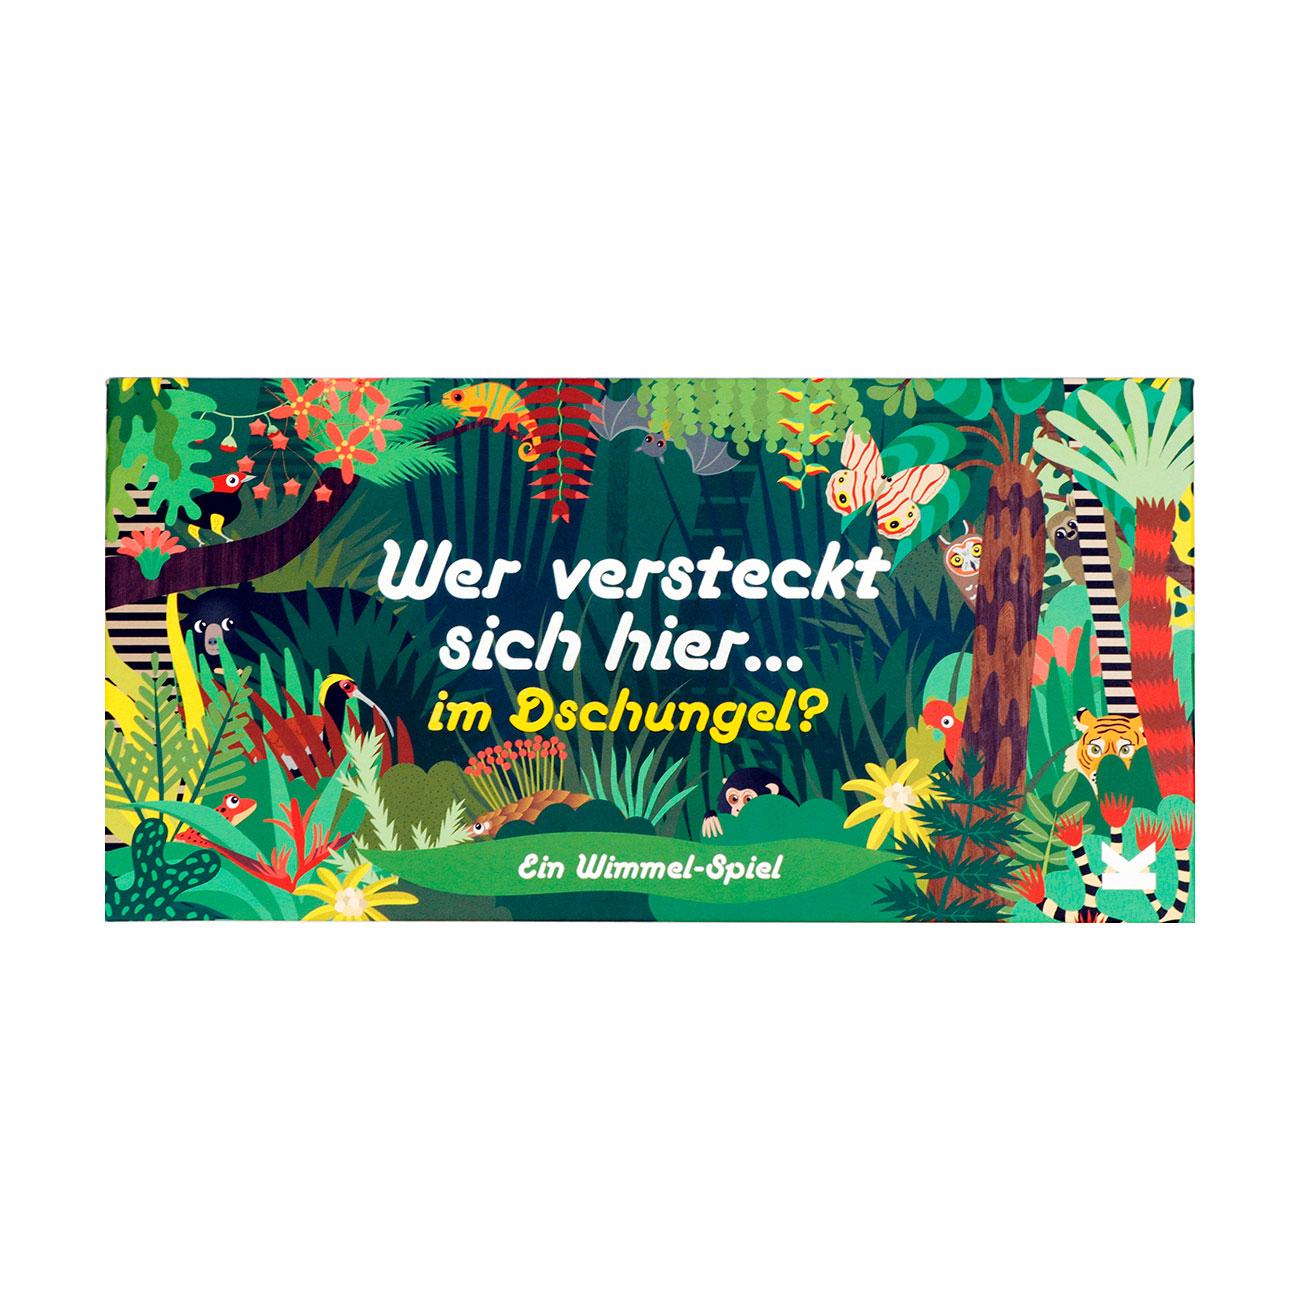 Wer versteckt sich hier… im Dschungel?